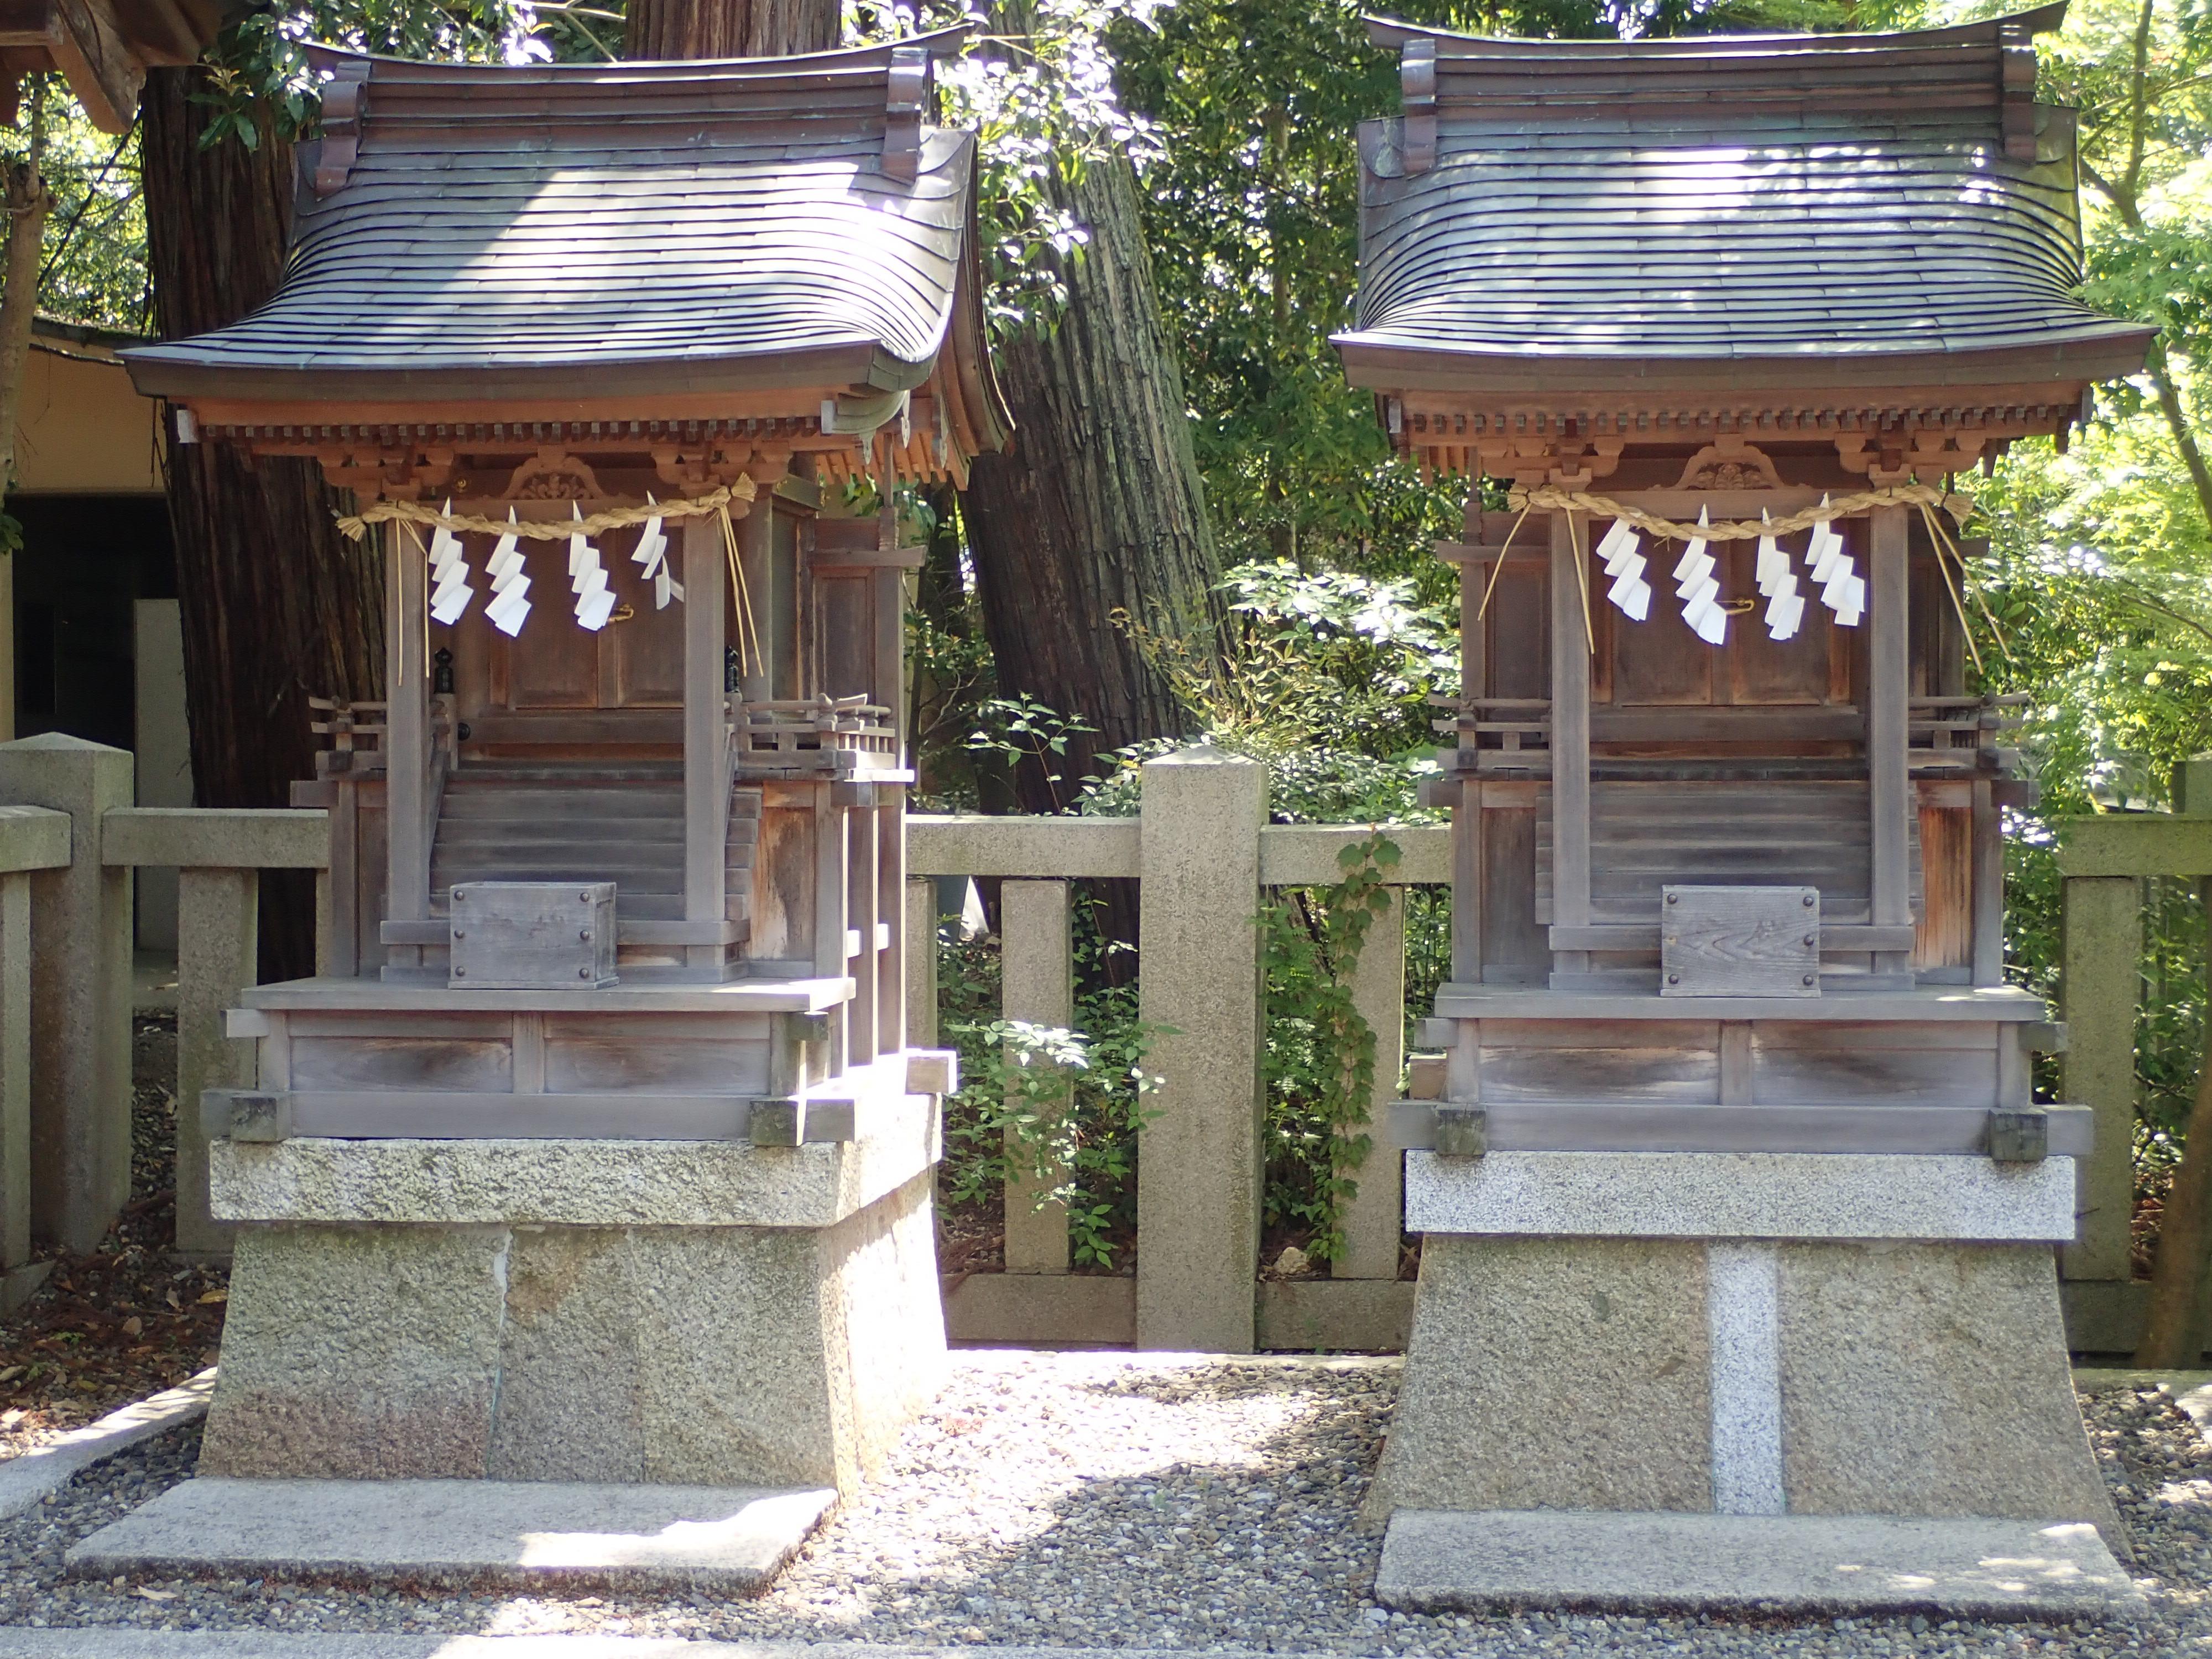 多賀大社の太閤橋の近くにある愛宕神社と秋葉神社